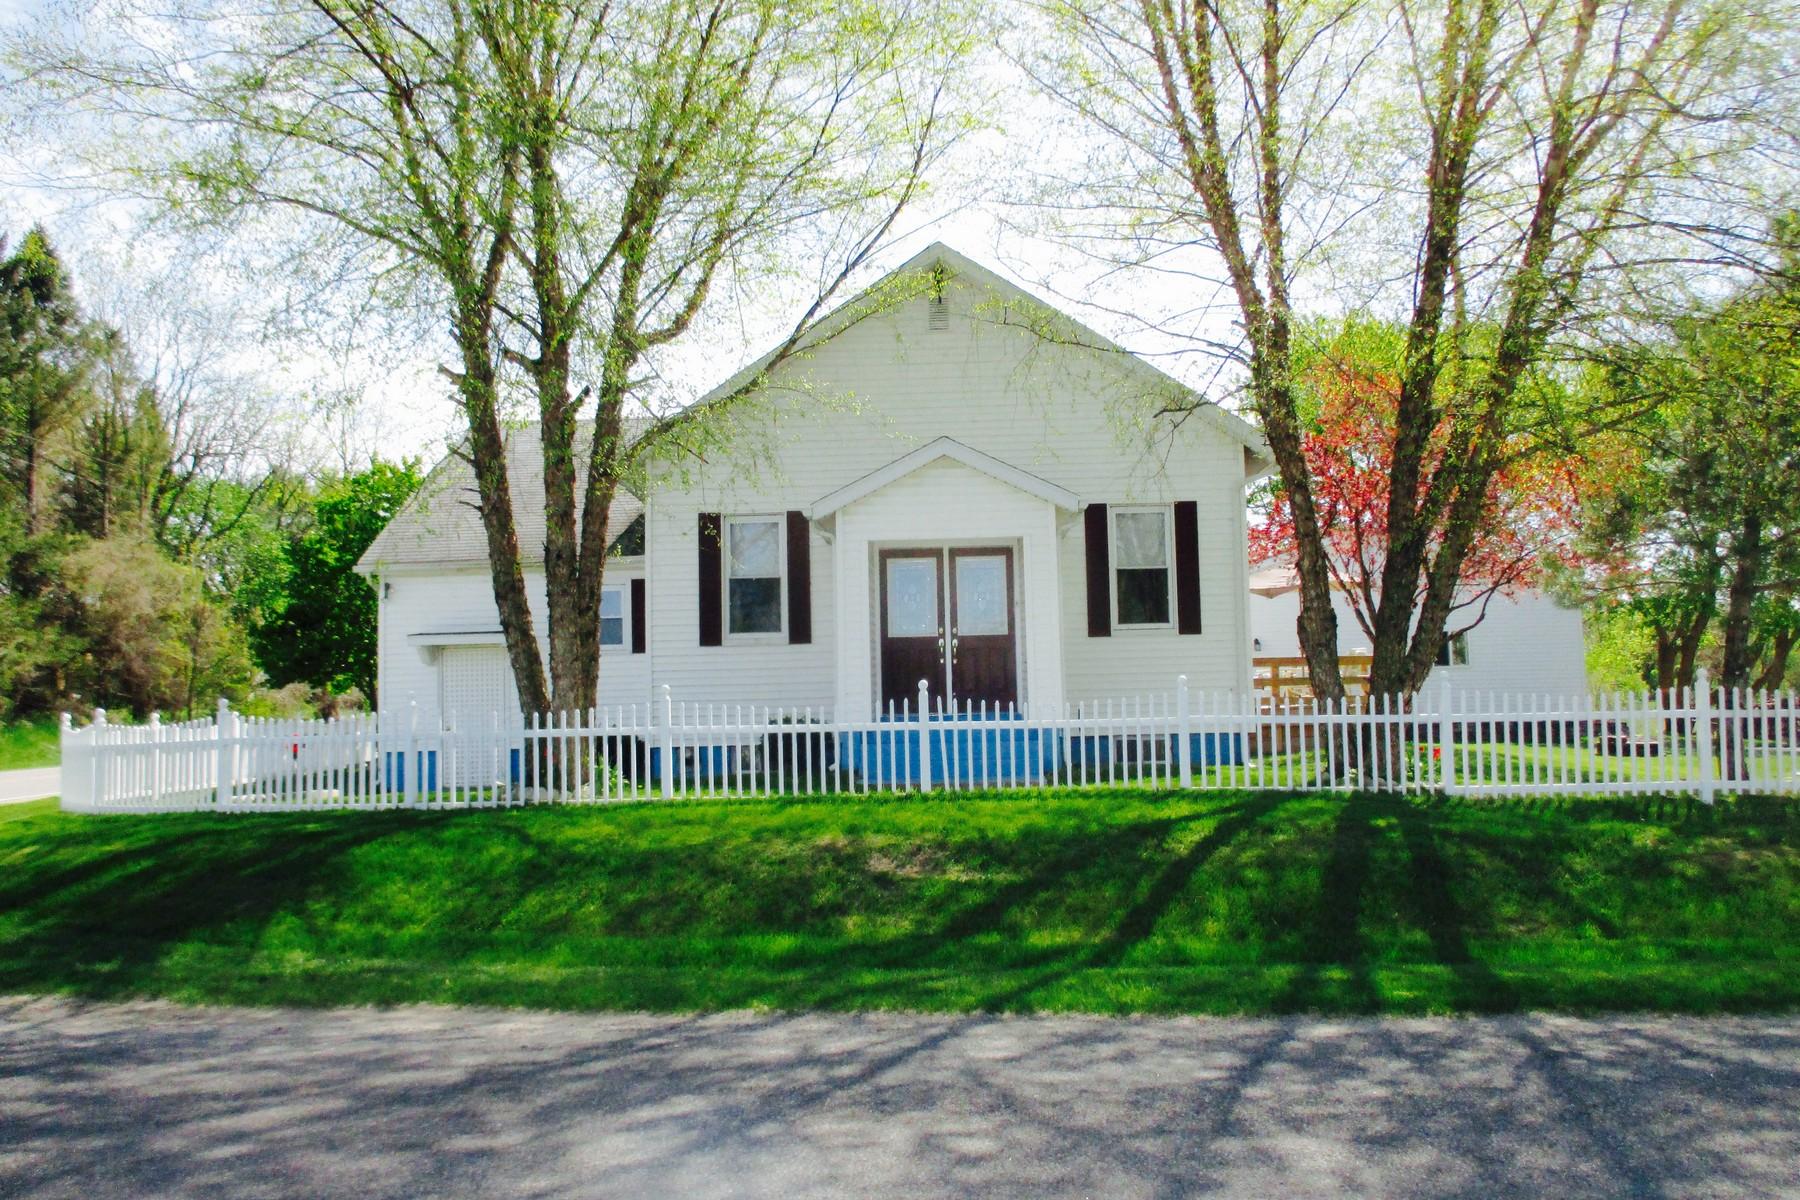 단독 가정 주택 용 매매 에 Peaceful Country Living 61965 County Road 384 Bangor, 미시건, 49013 미국